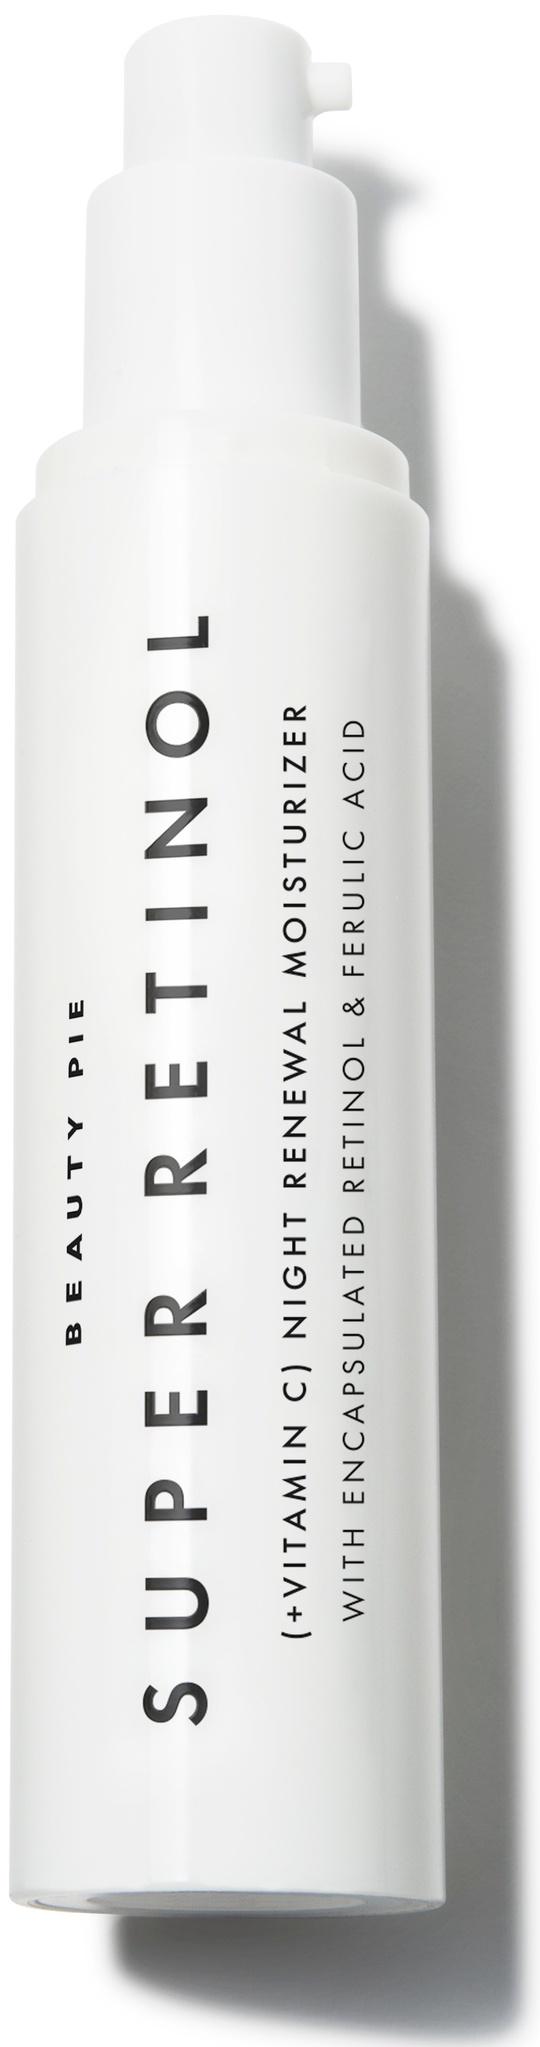 Beauty Pie Super Retinol Ceramide-Boost Anti-Aging Face Serum